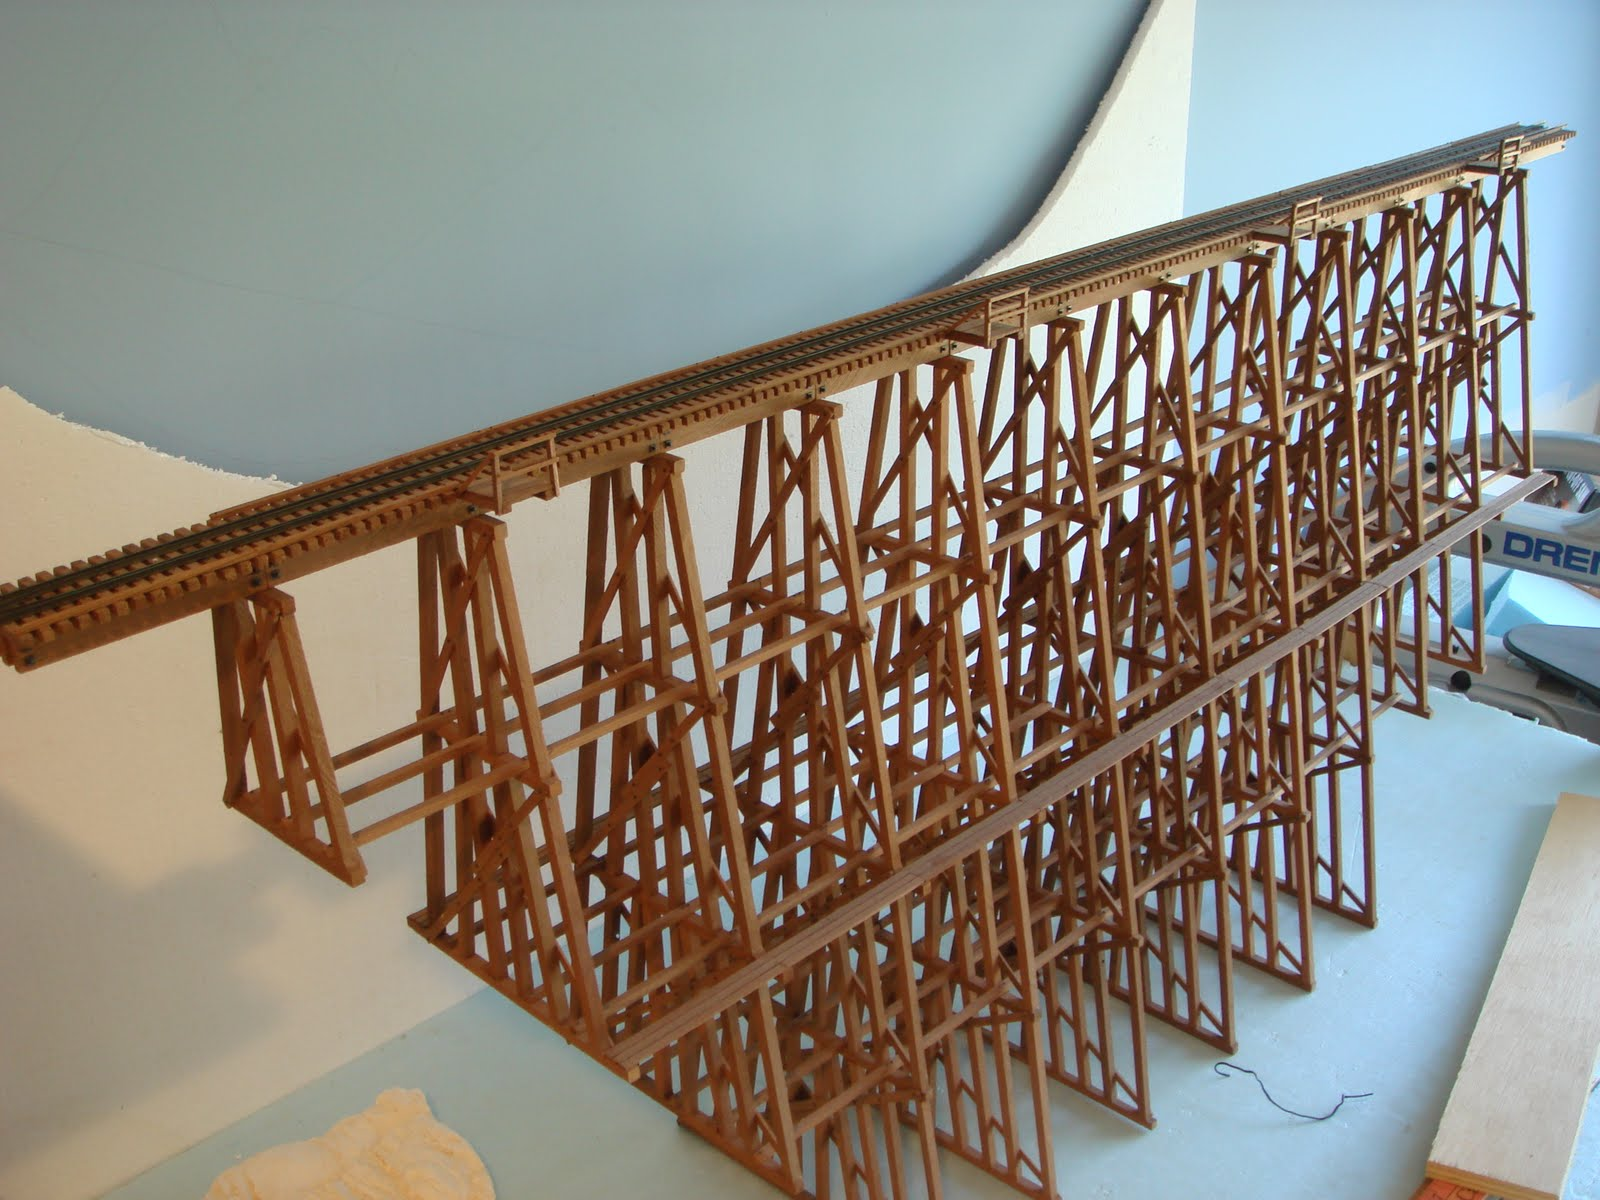 http://2.bp.blogspot.com/_zZeqlWPbkzk/TFMbjyPpuKI/AAAAAAAAAGw/AsH084T0w0g/s1600/garage+railroad+008.JPG